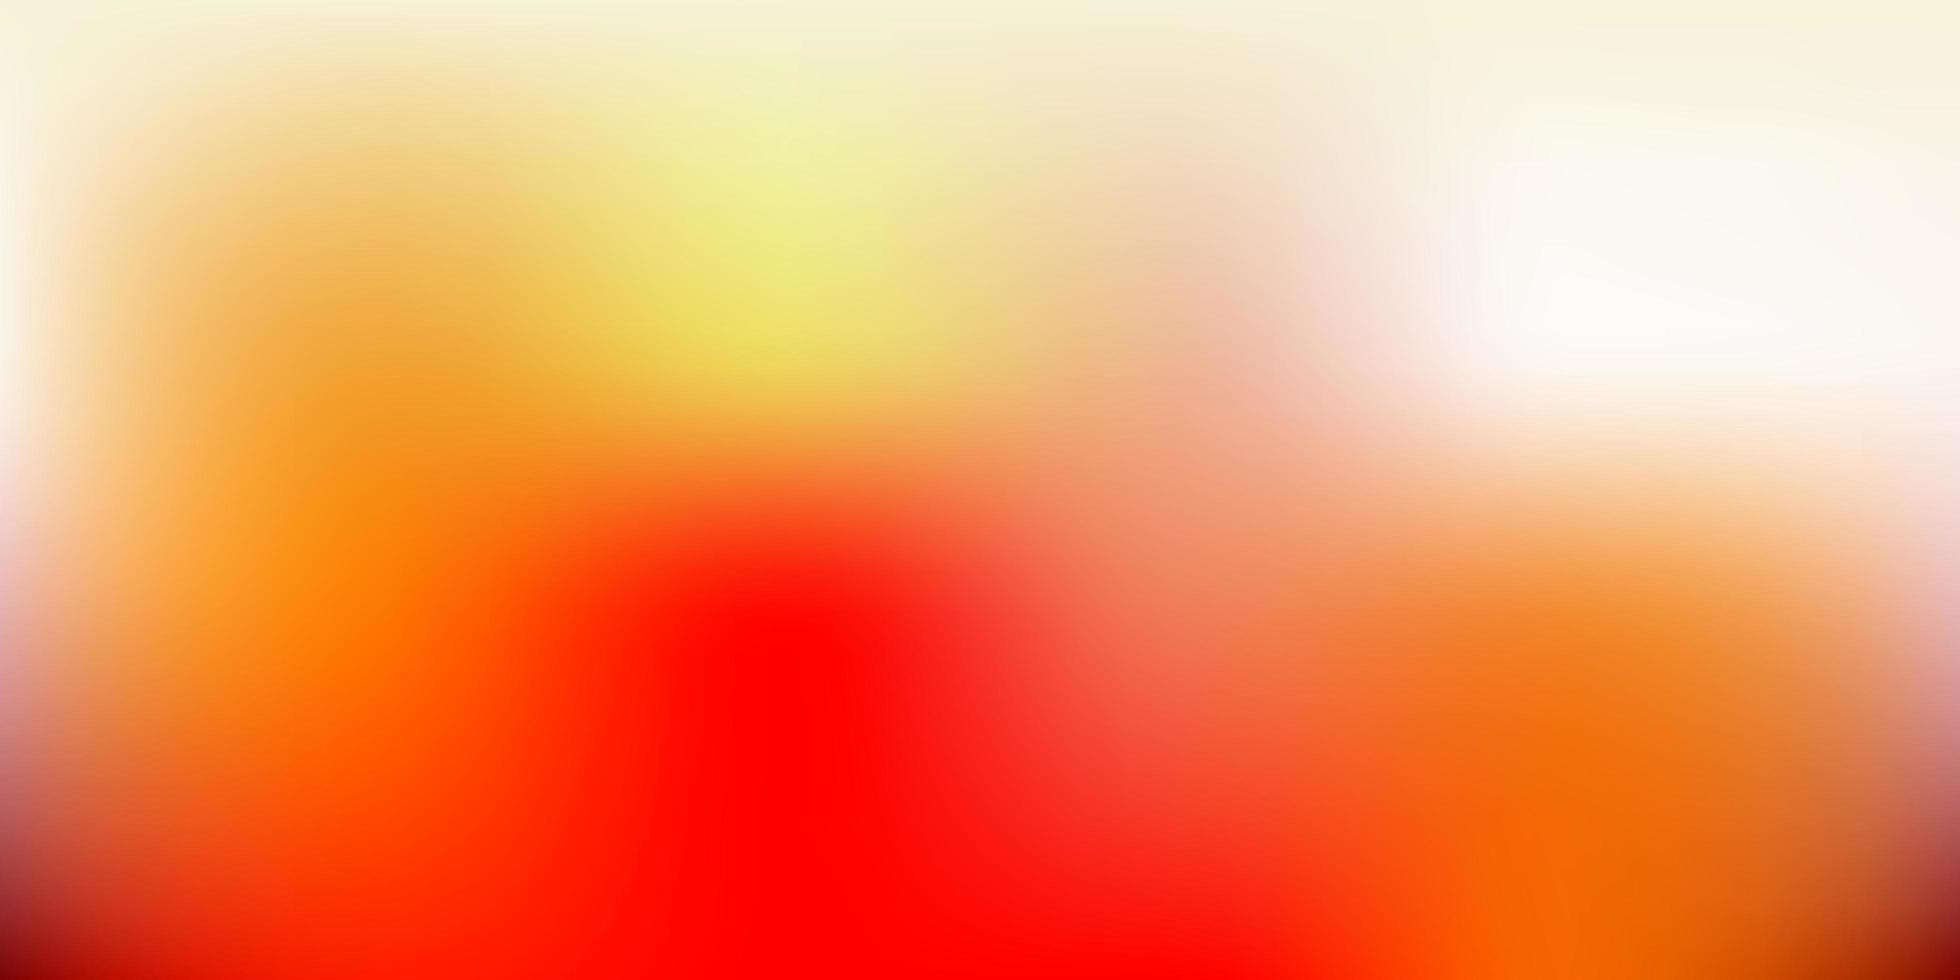 vector de color naranja oscuro fondo borroso.